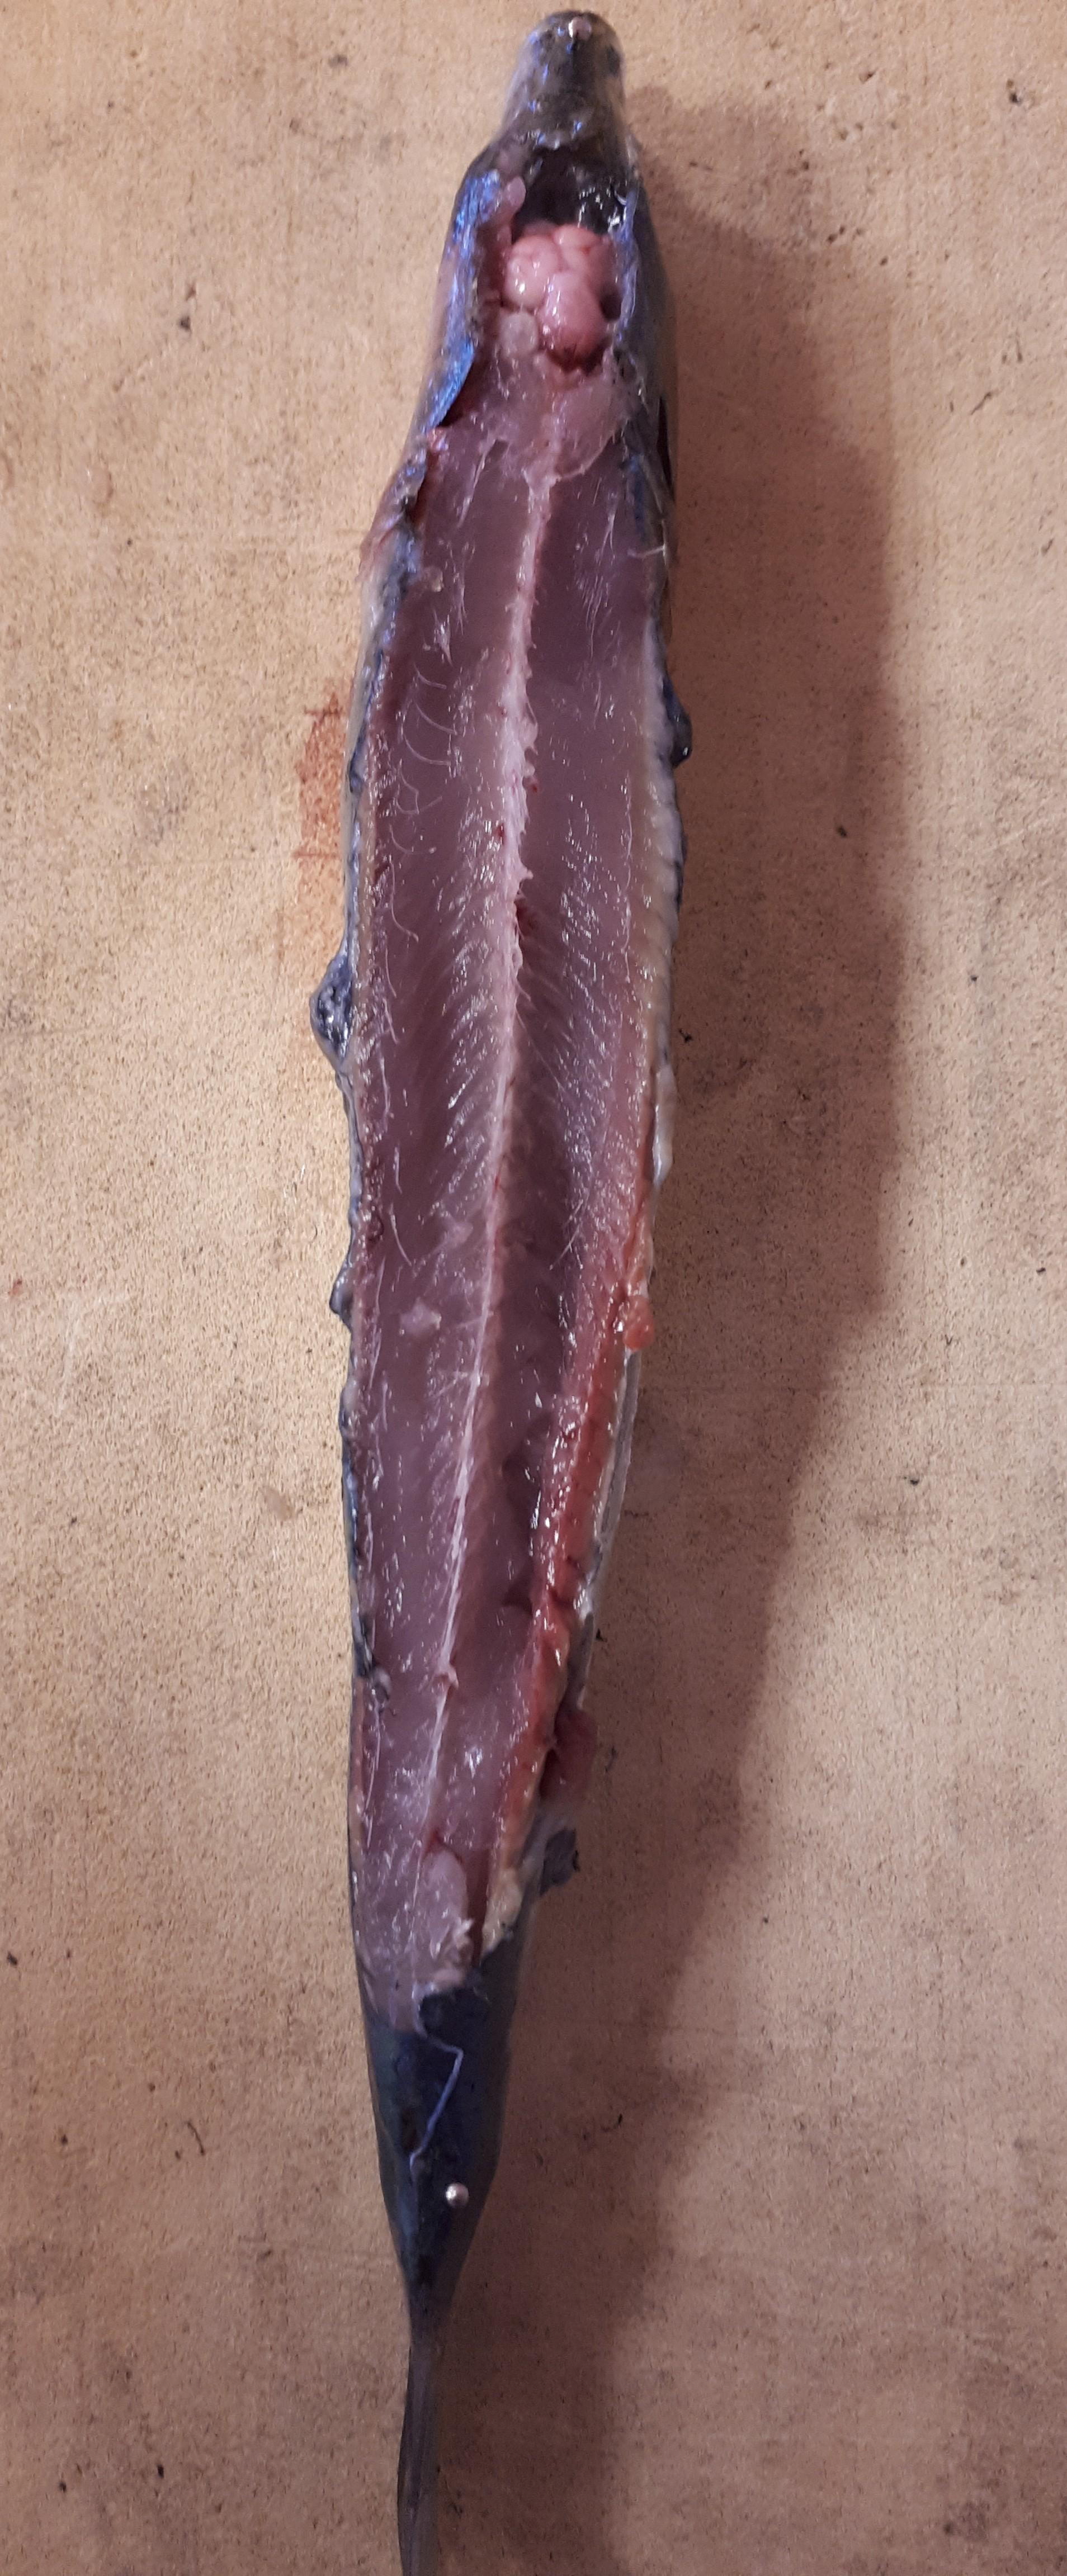 dissection système nerveux poisson